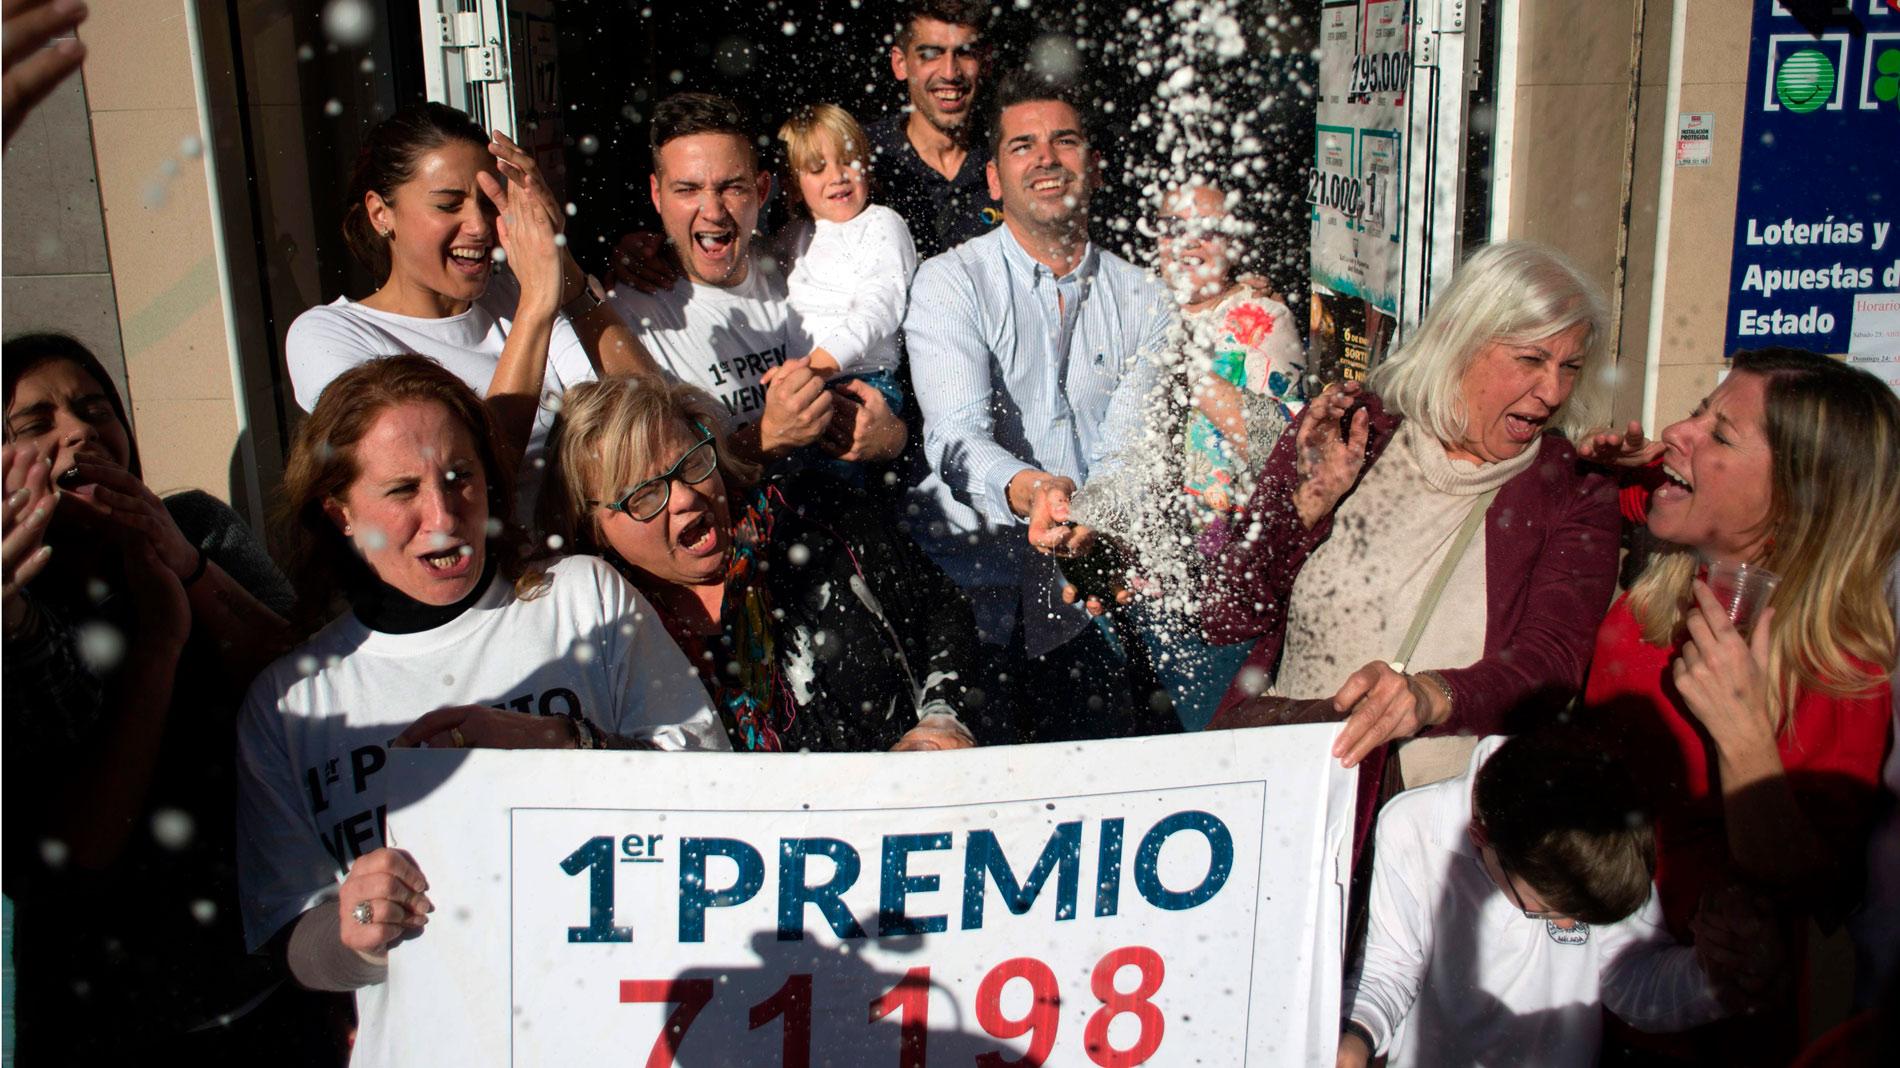 El Gordo deja en Málaga más de 128 millones de euros